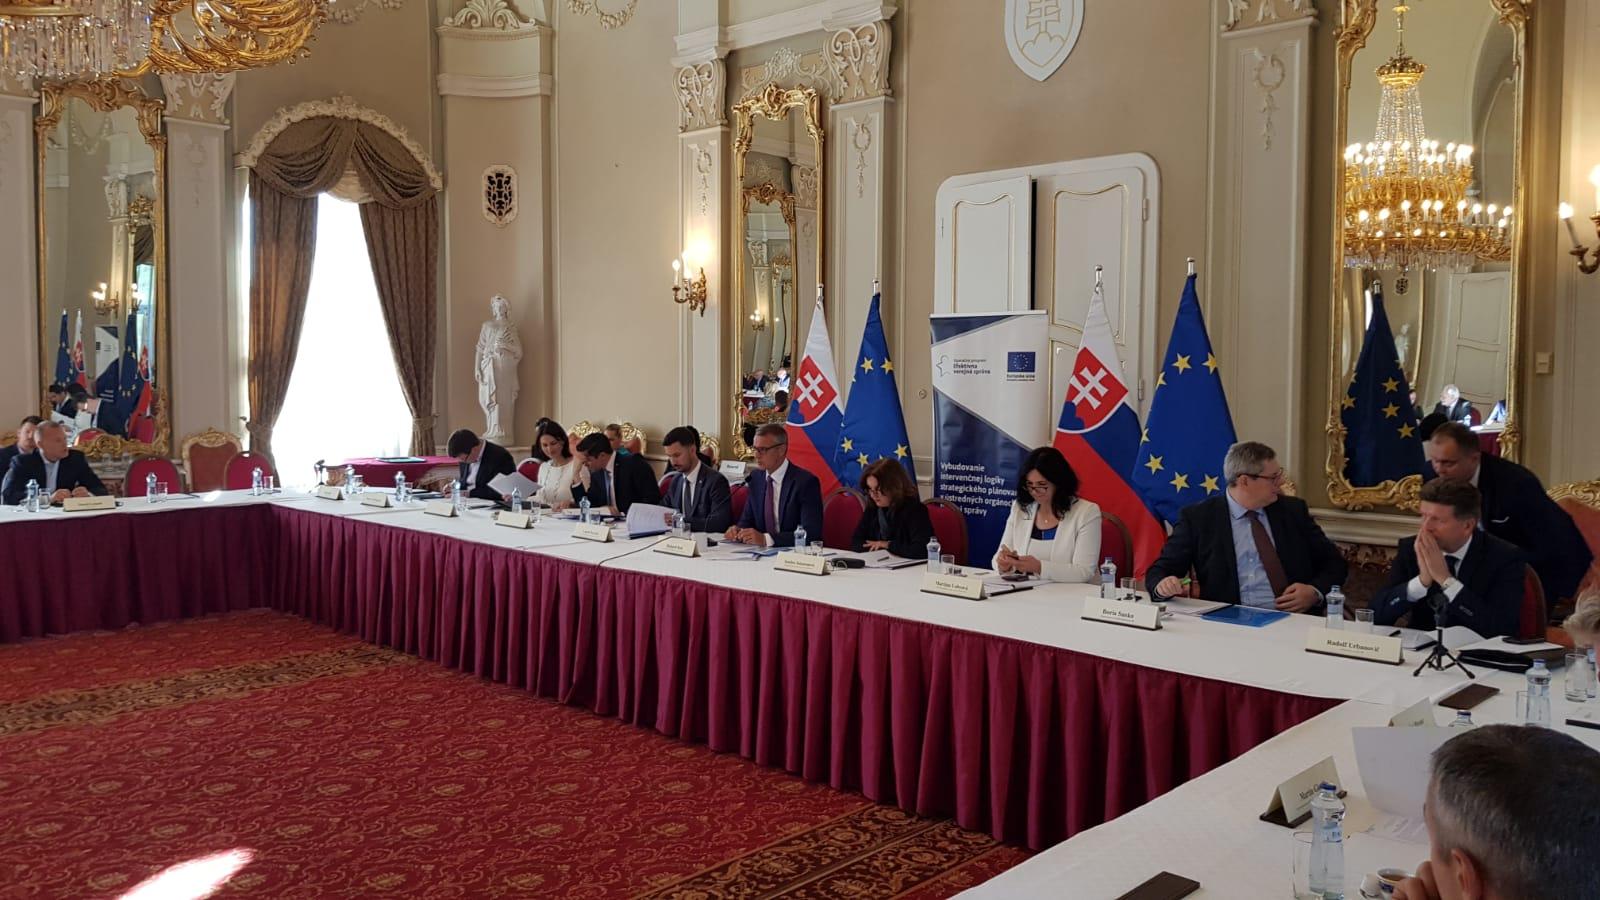 Vicepremiér R. Raši predstaví dokument Vízia a stratégia Slovenska 2030 na Národnom konvente